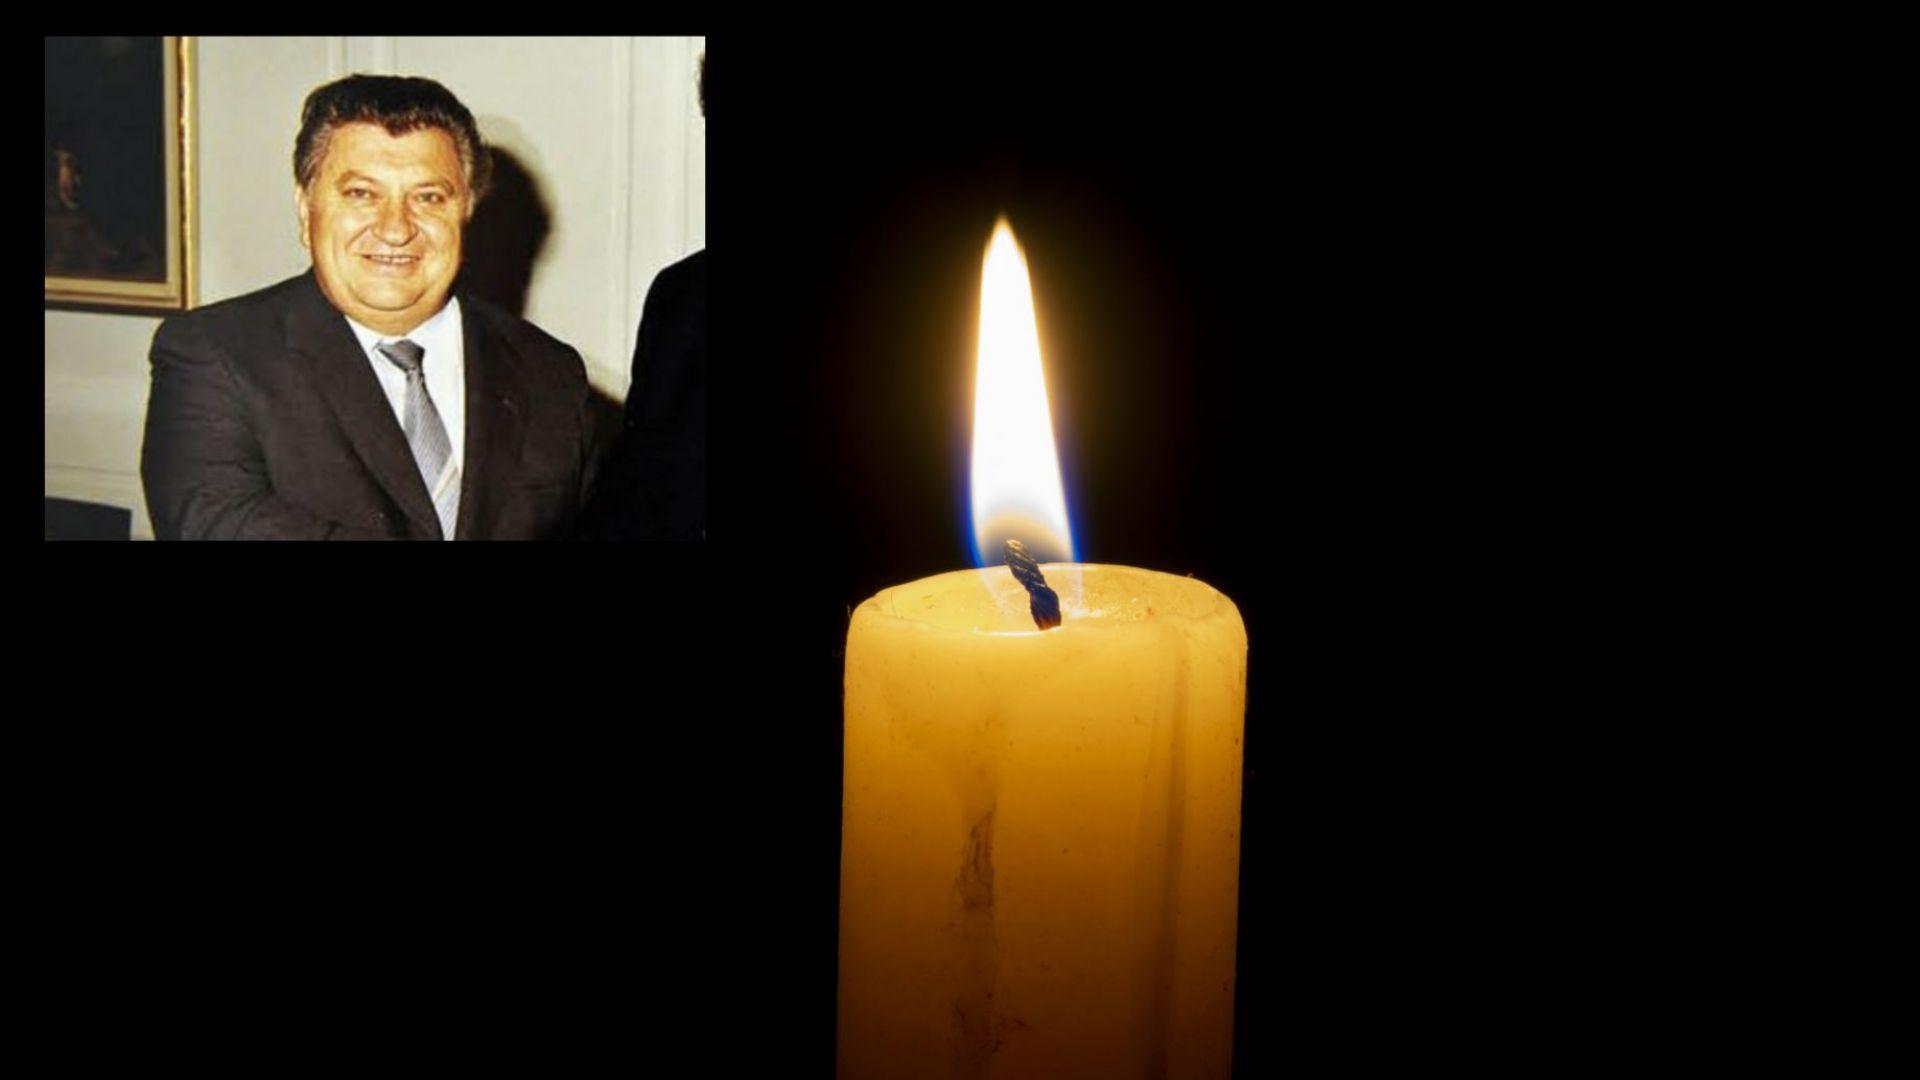 Почина Христо Христов - министър на външната търговия по времето на Тодор Живков